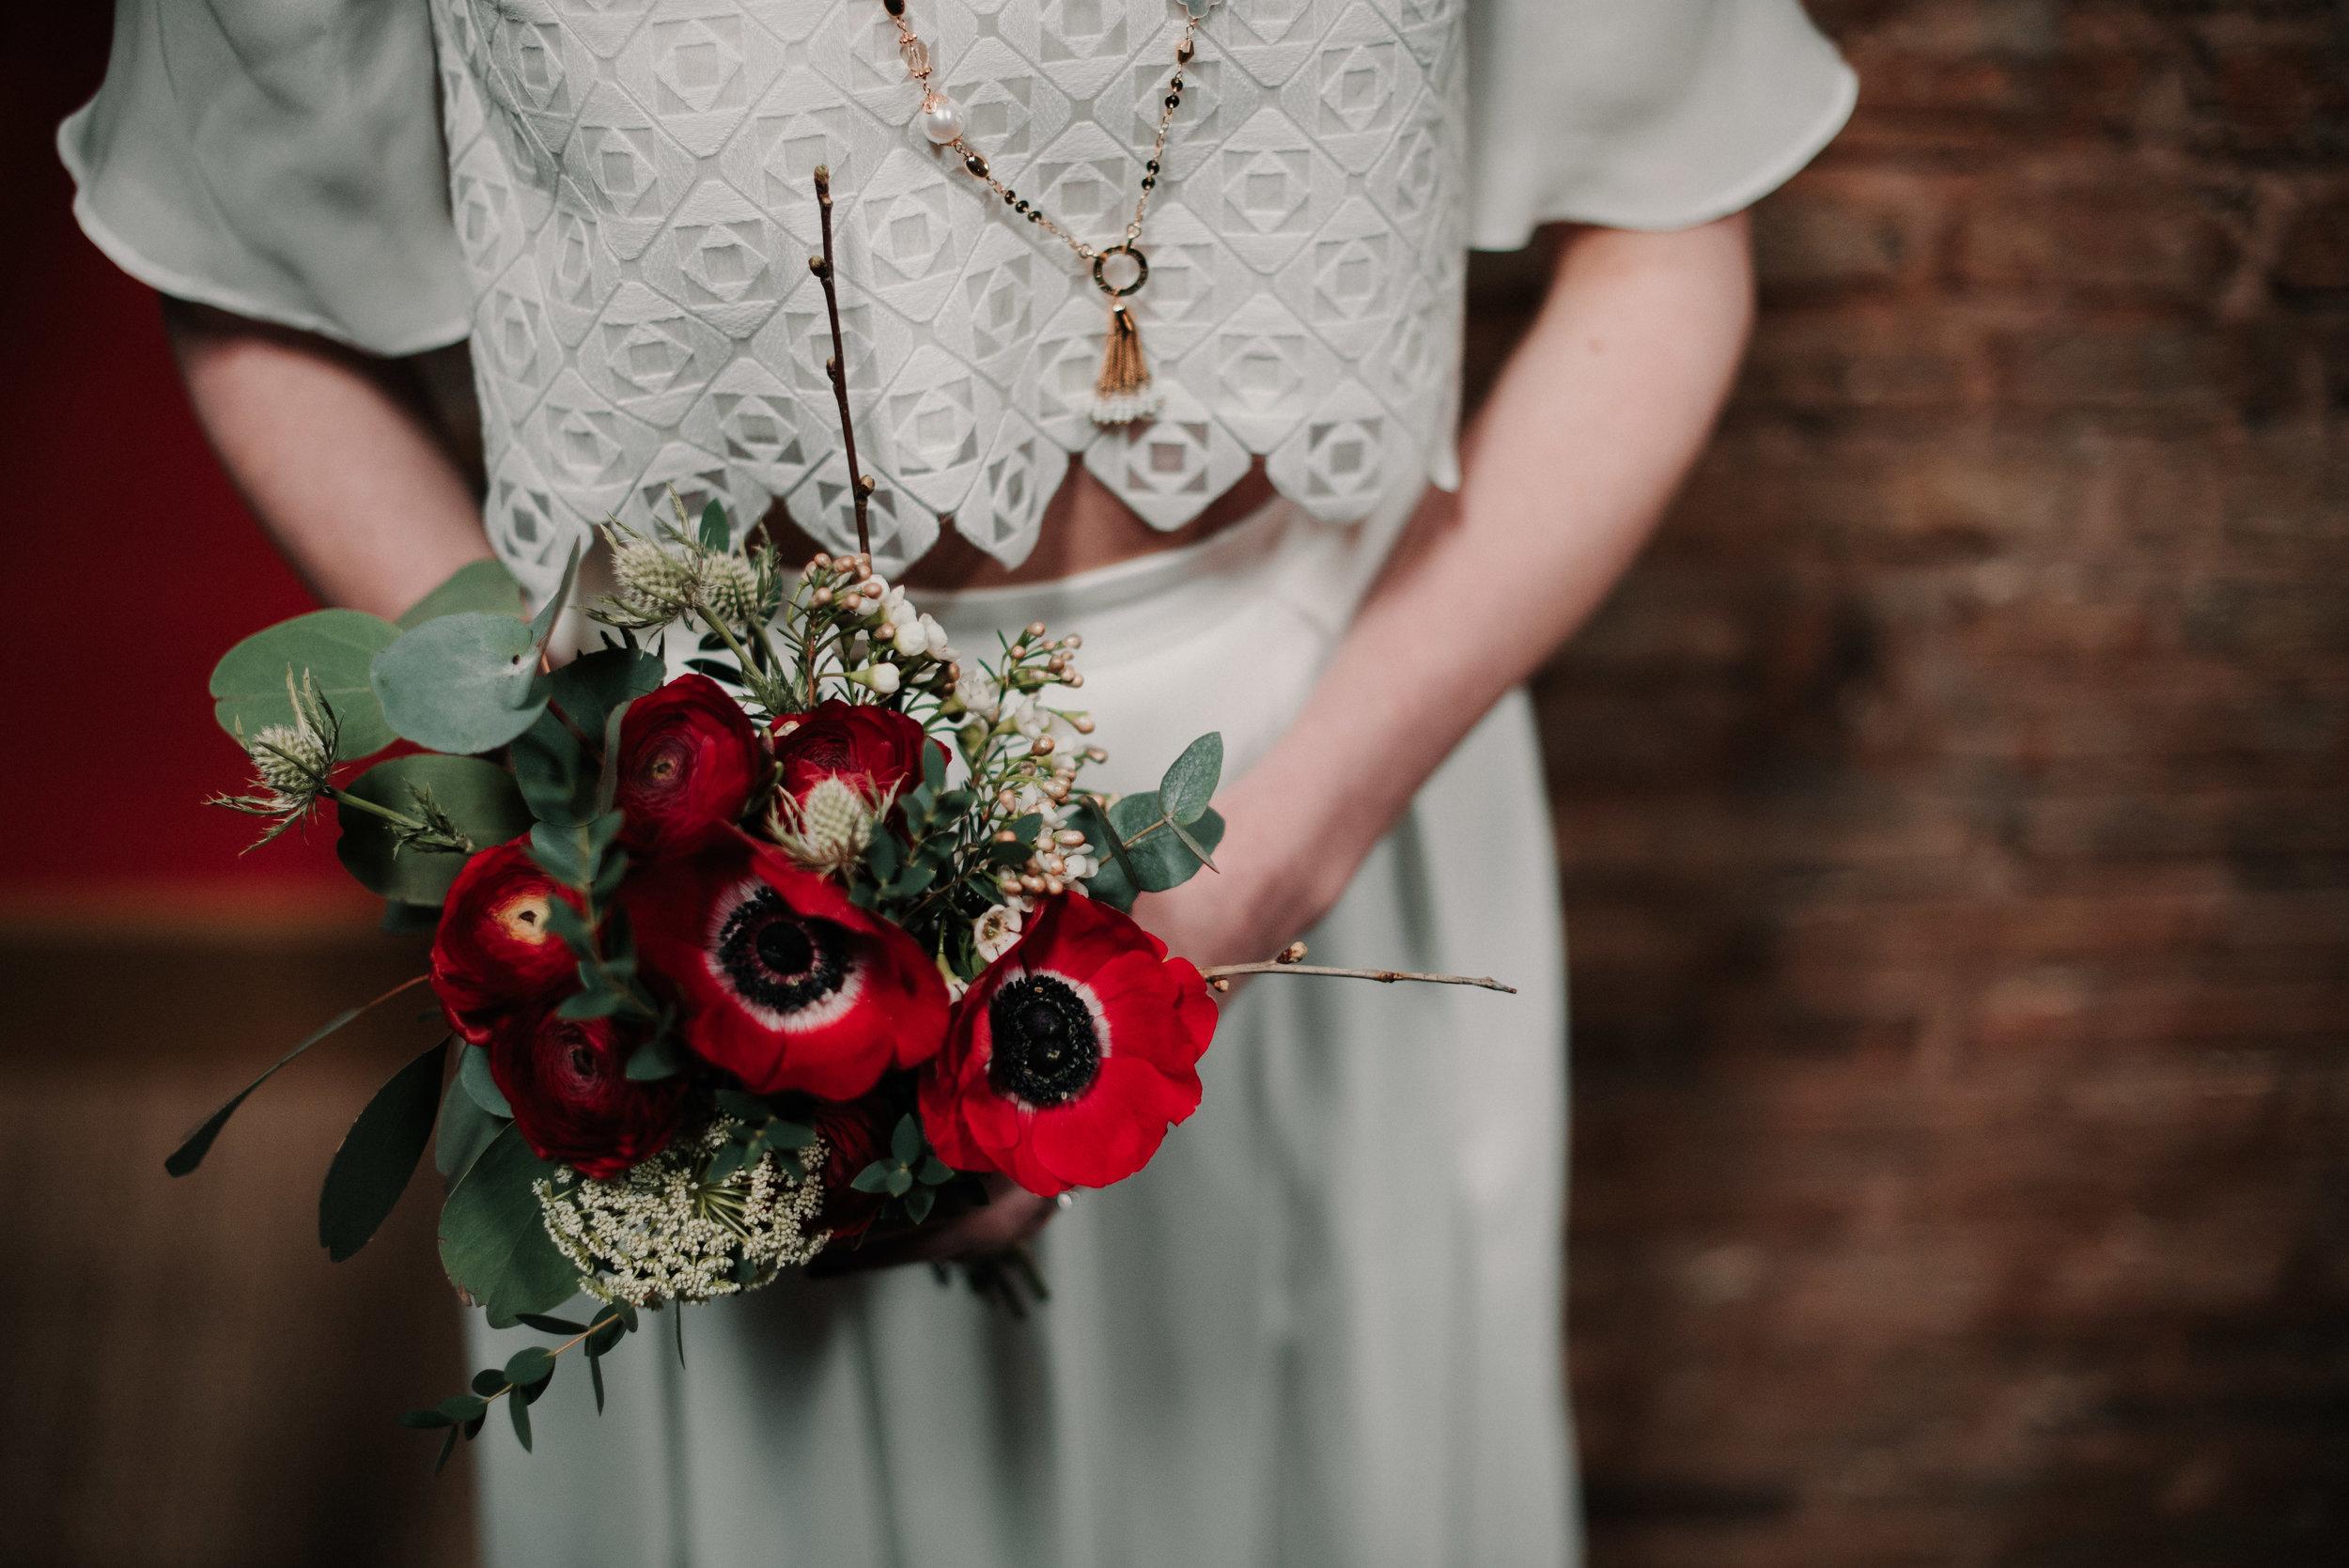 Léa-Fery-photographe-professionnel-lyon-rhone-alpes-portrait-creation-mariage-evenement-evenementiel-famille-3230.jpg